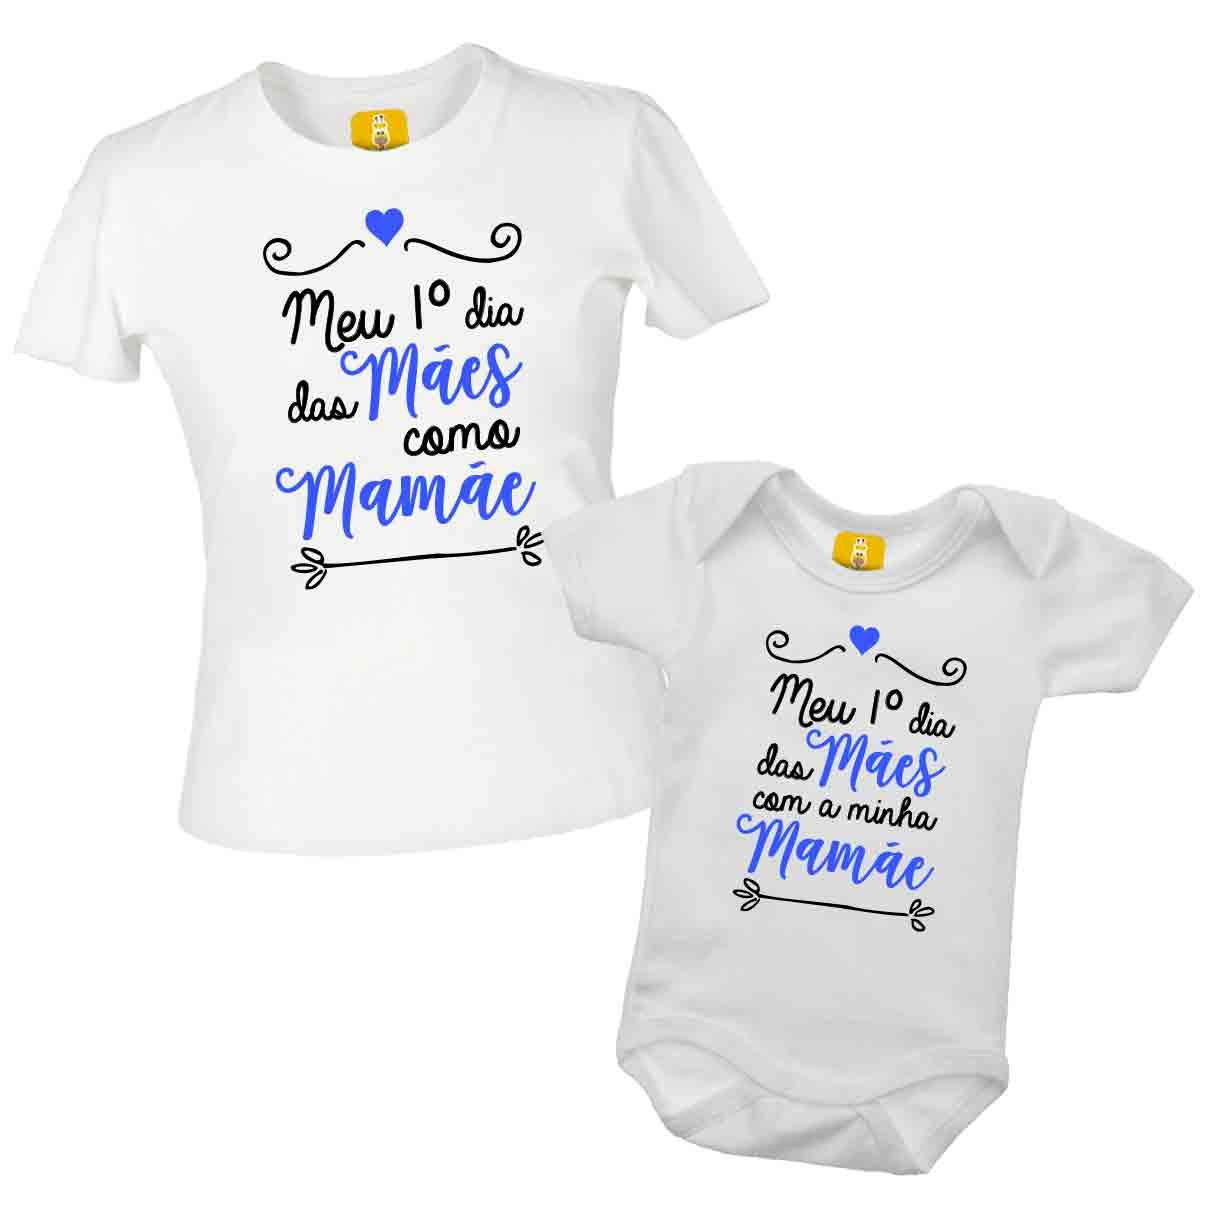 Kit de camiseta Meu primeiro dia das mães - 2 peças